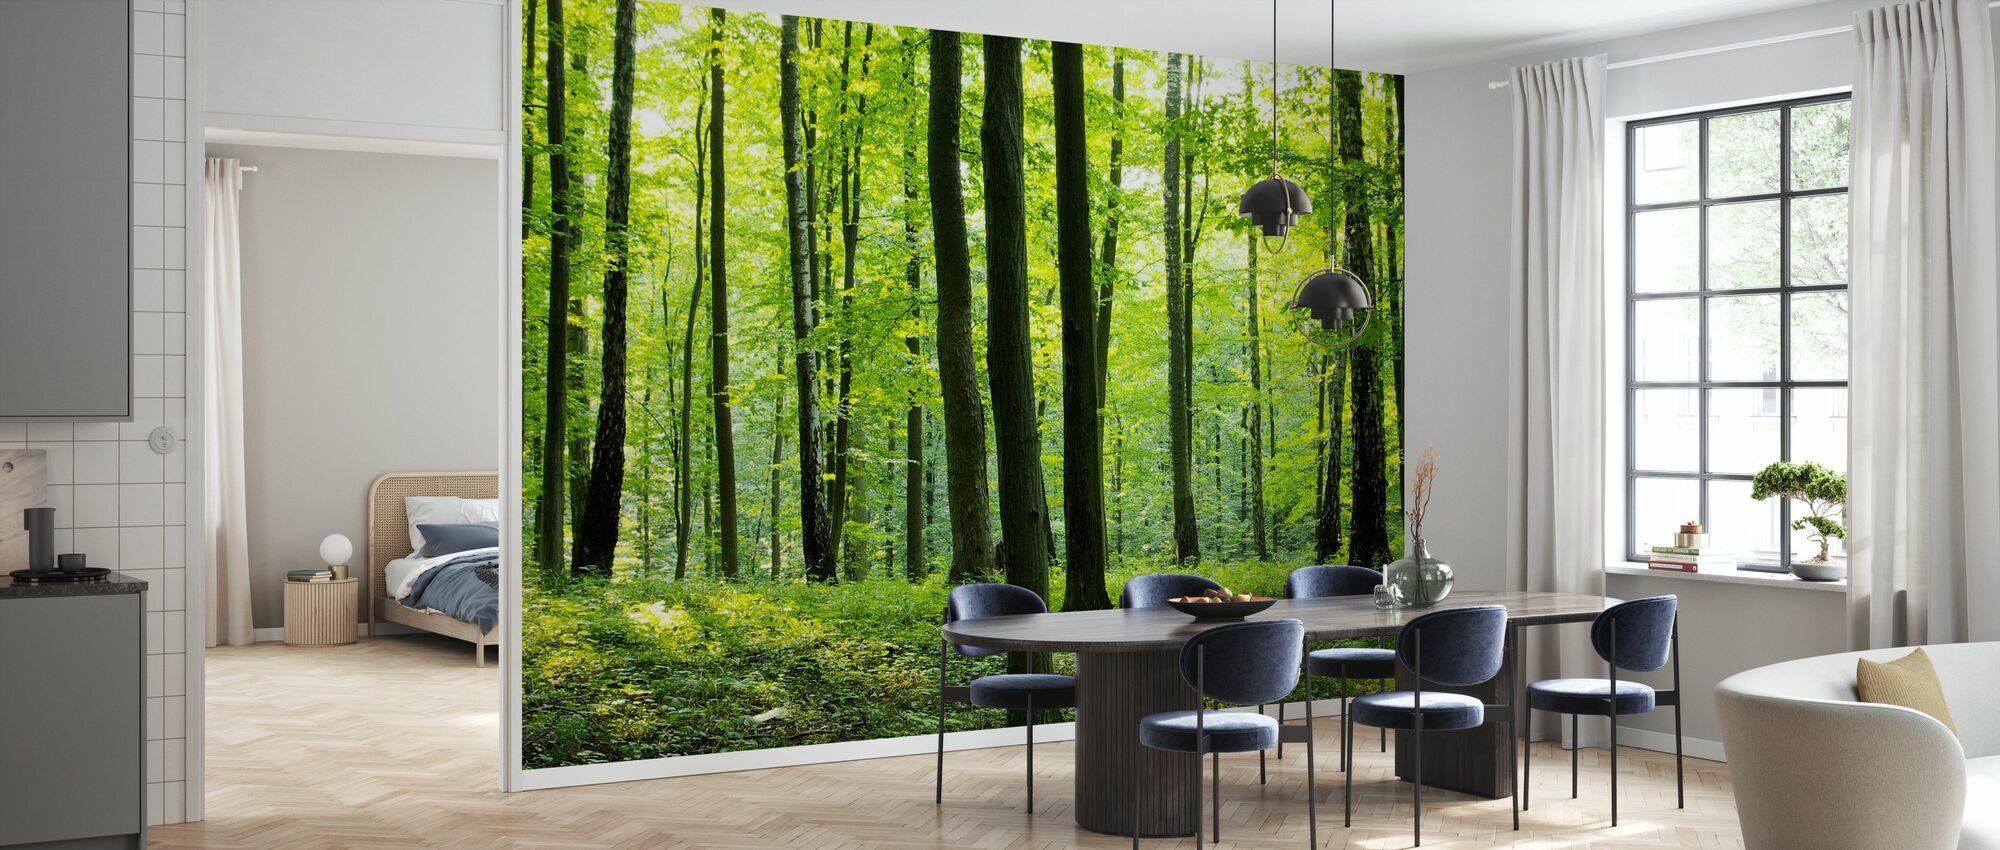 Rural Forest - Wallpaper - Kitchen